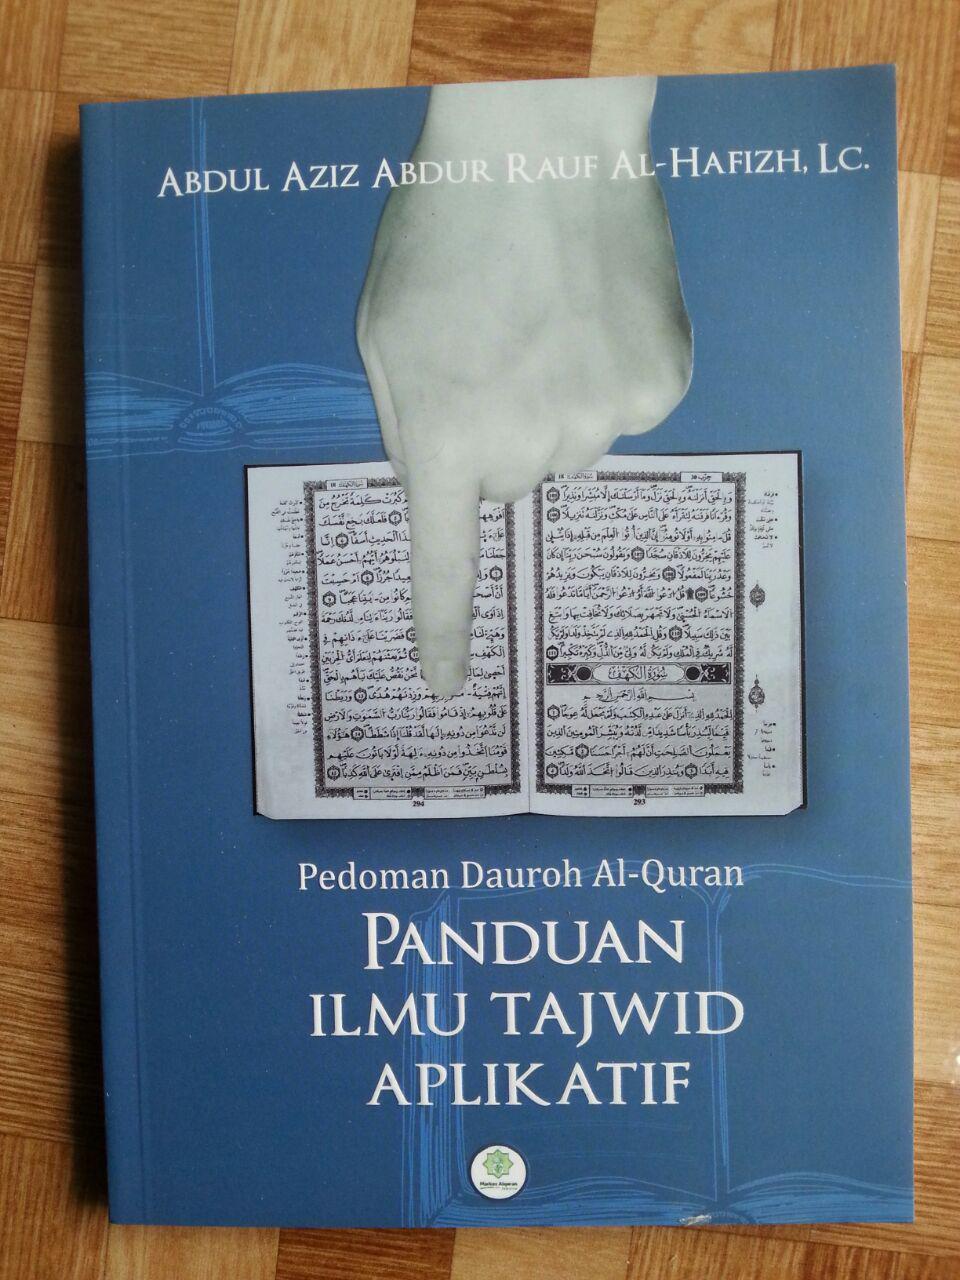 Buku Pedoman Daurah Al-Qur'an Panduan Ilmu Tajwid cover 2